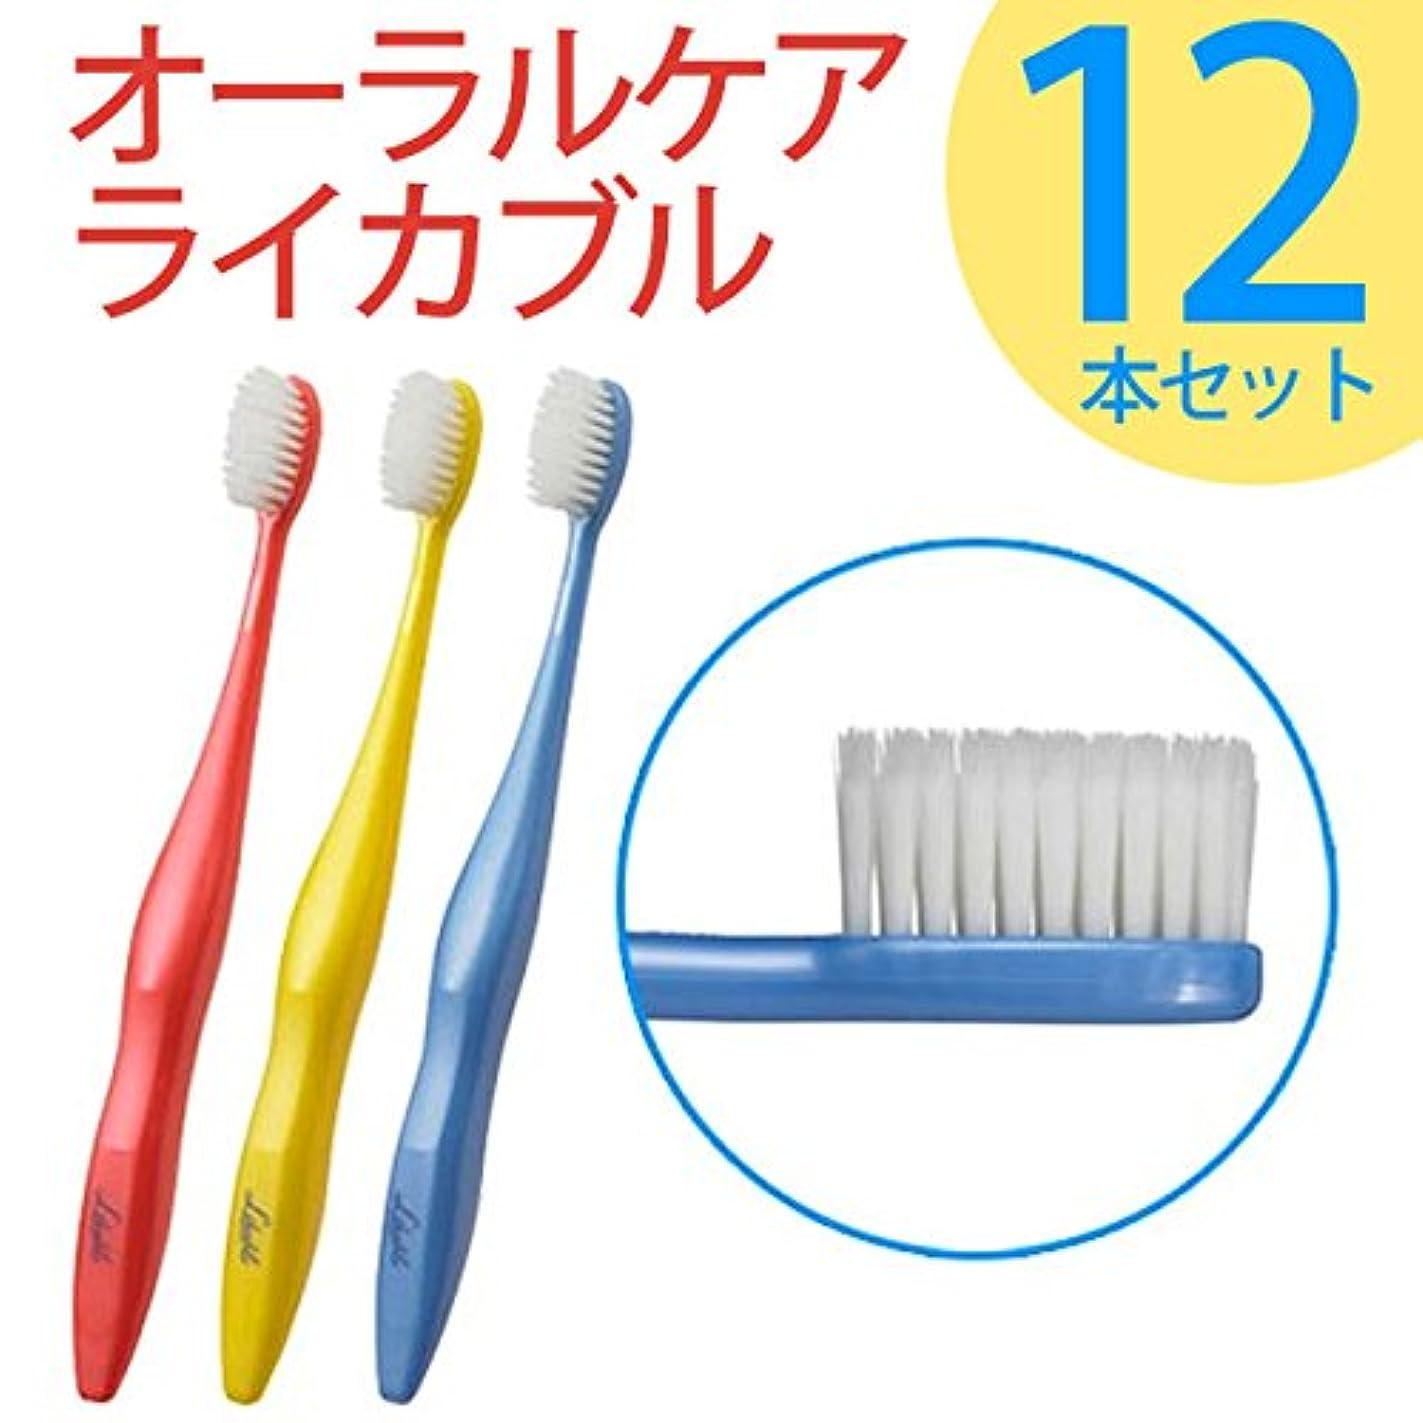 不正確二週間空虚ライカブル ライカブル メンテナンス用 歯ブラシ 12本セット